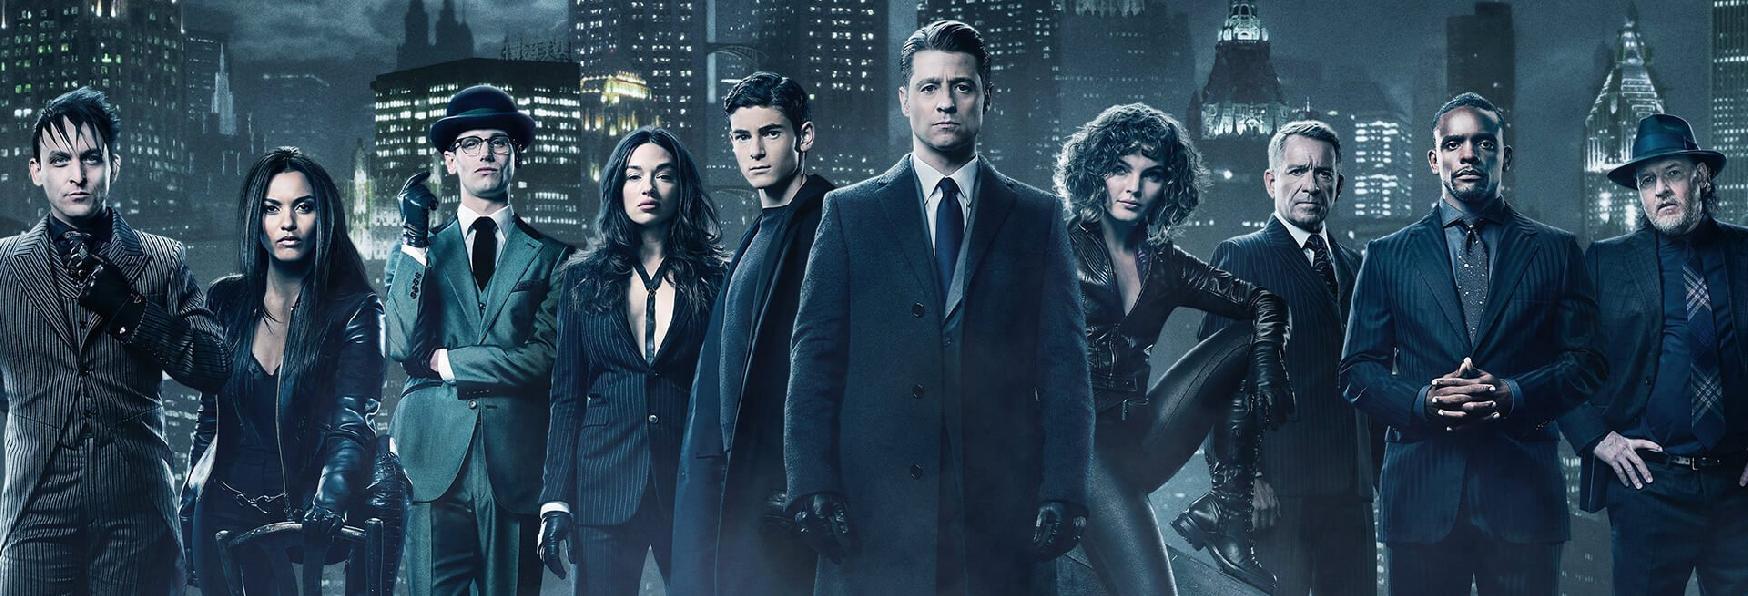 Gotham: E alla fine è arrivato Batman... La Promo dell'Ultimo Episodio